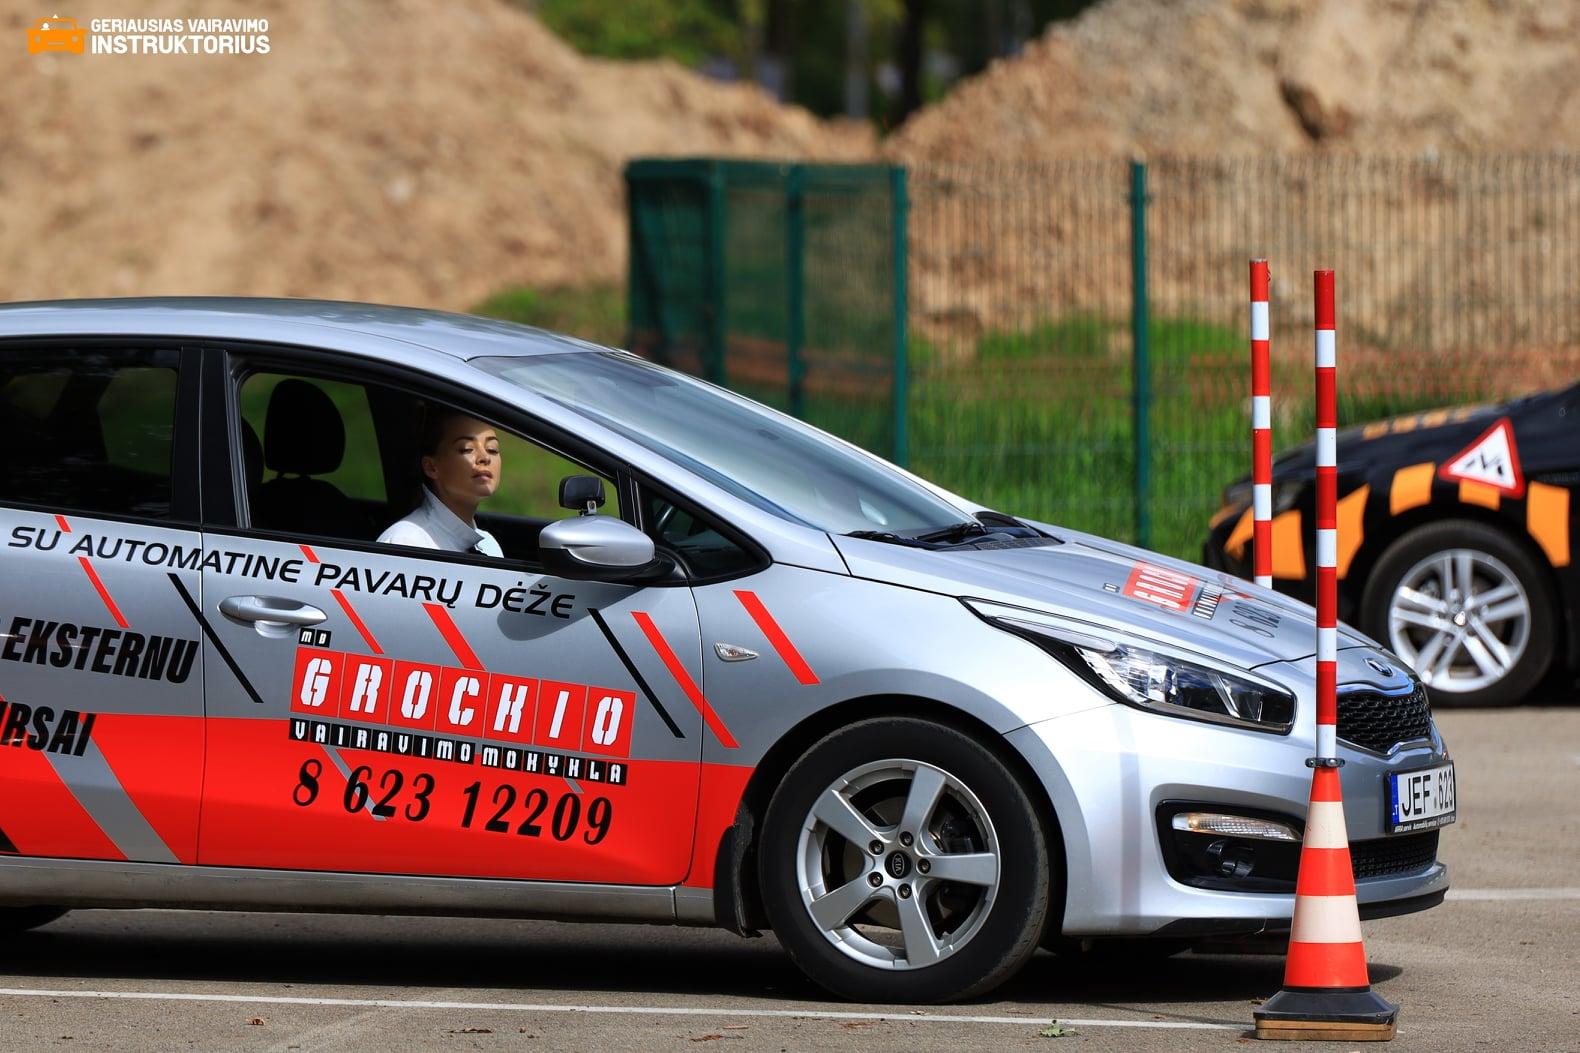 Geroiausio vairavimo instrukltoriaus rinkimai